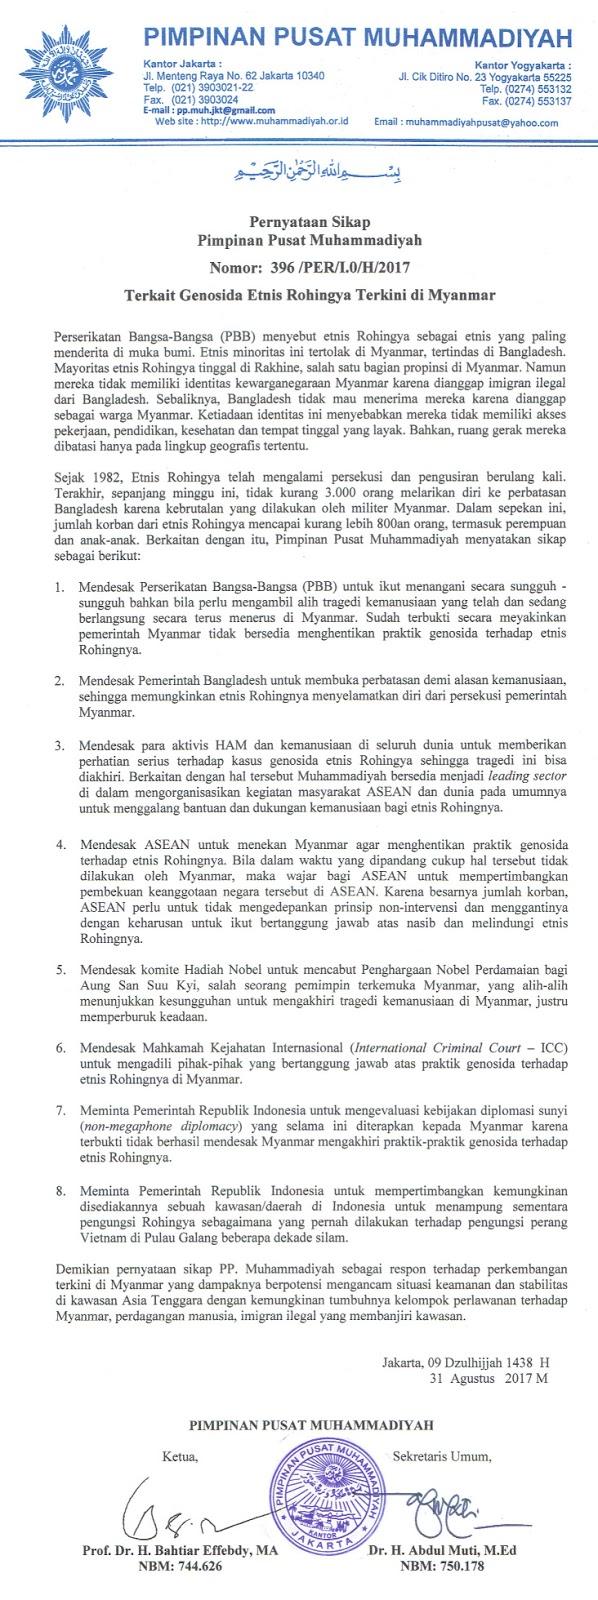 Pernyataan sikap PP Muhammadiyah tentang tragedi kemanusiaan yang dialami etnis Rohingya di Myanmar